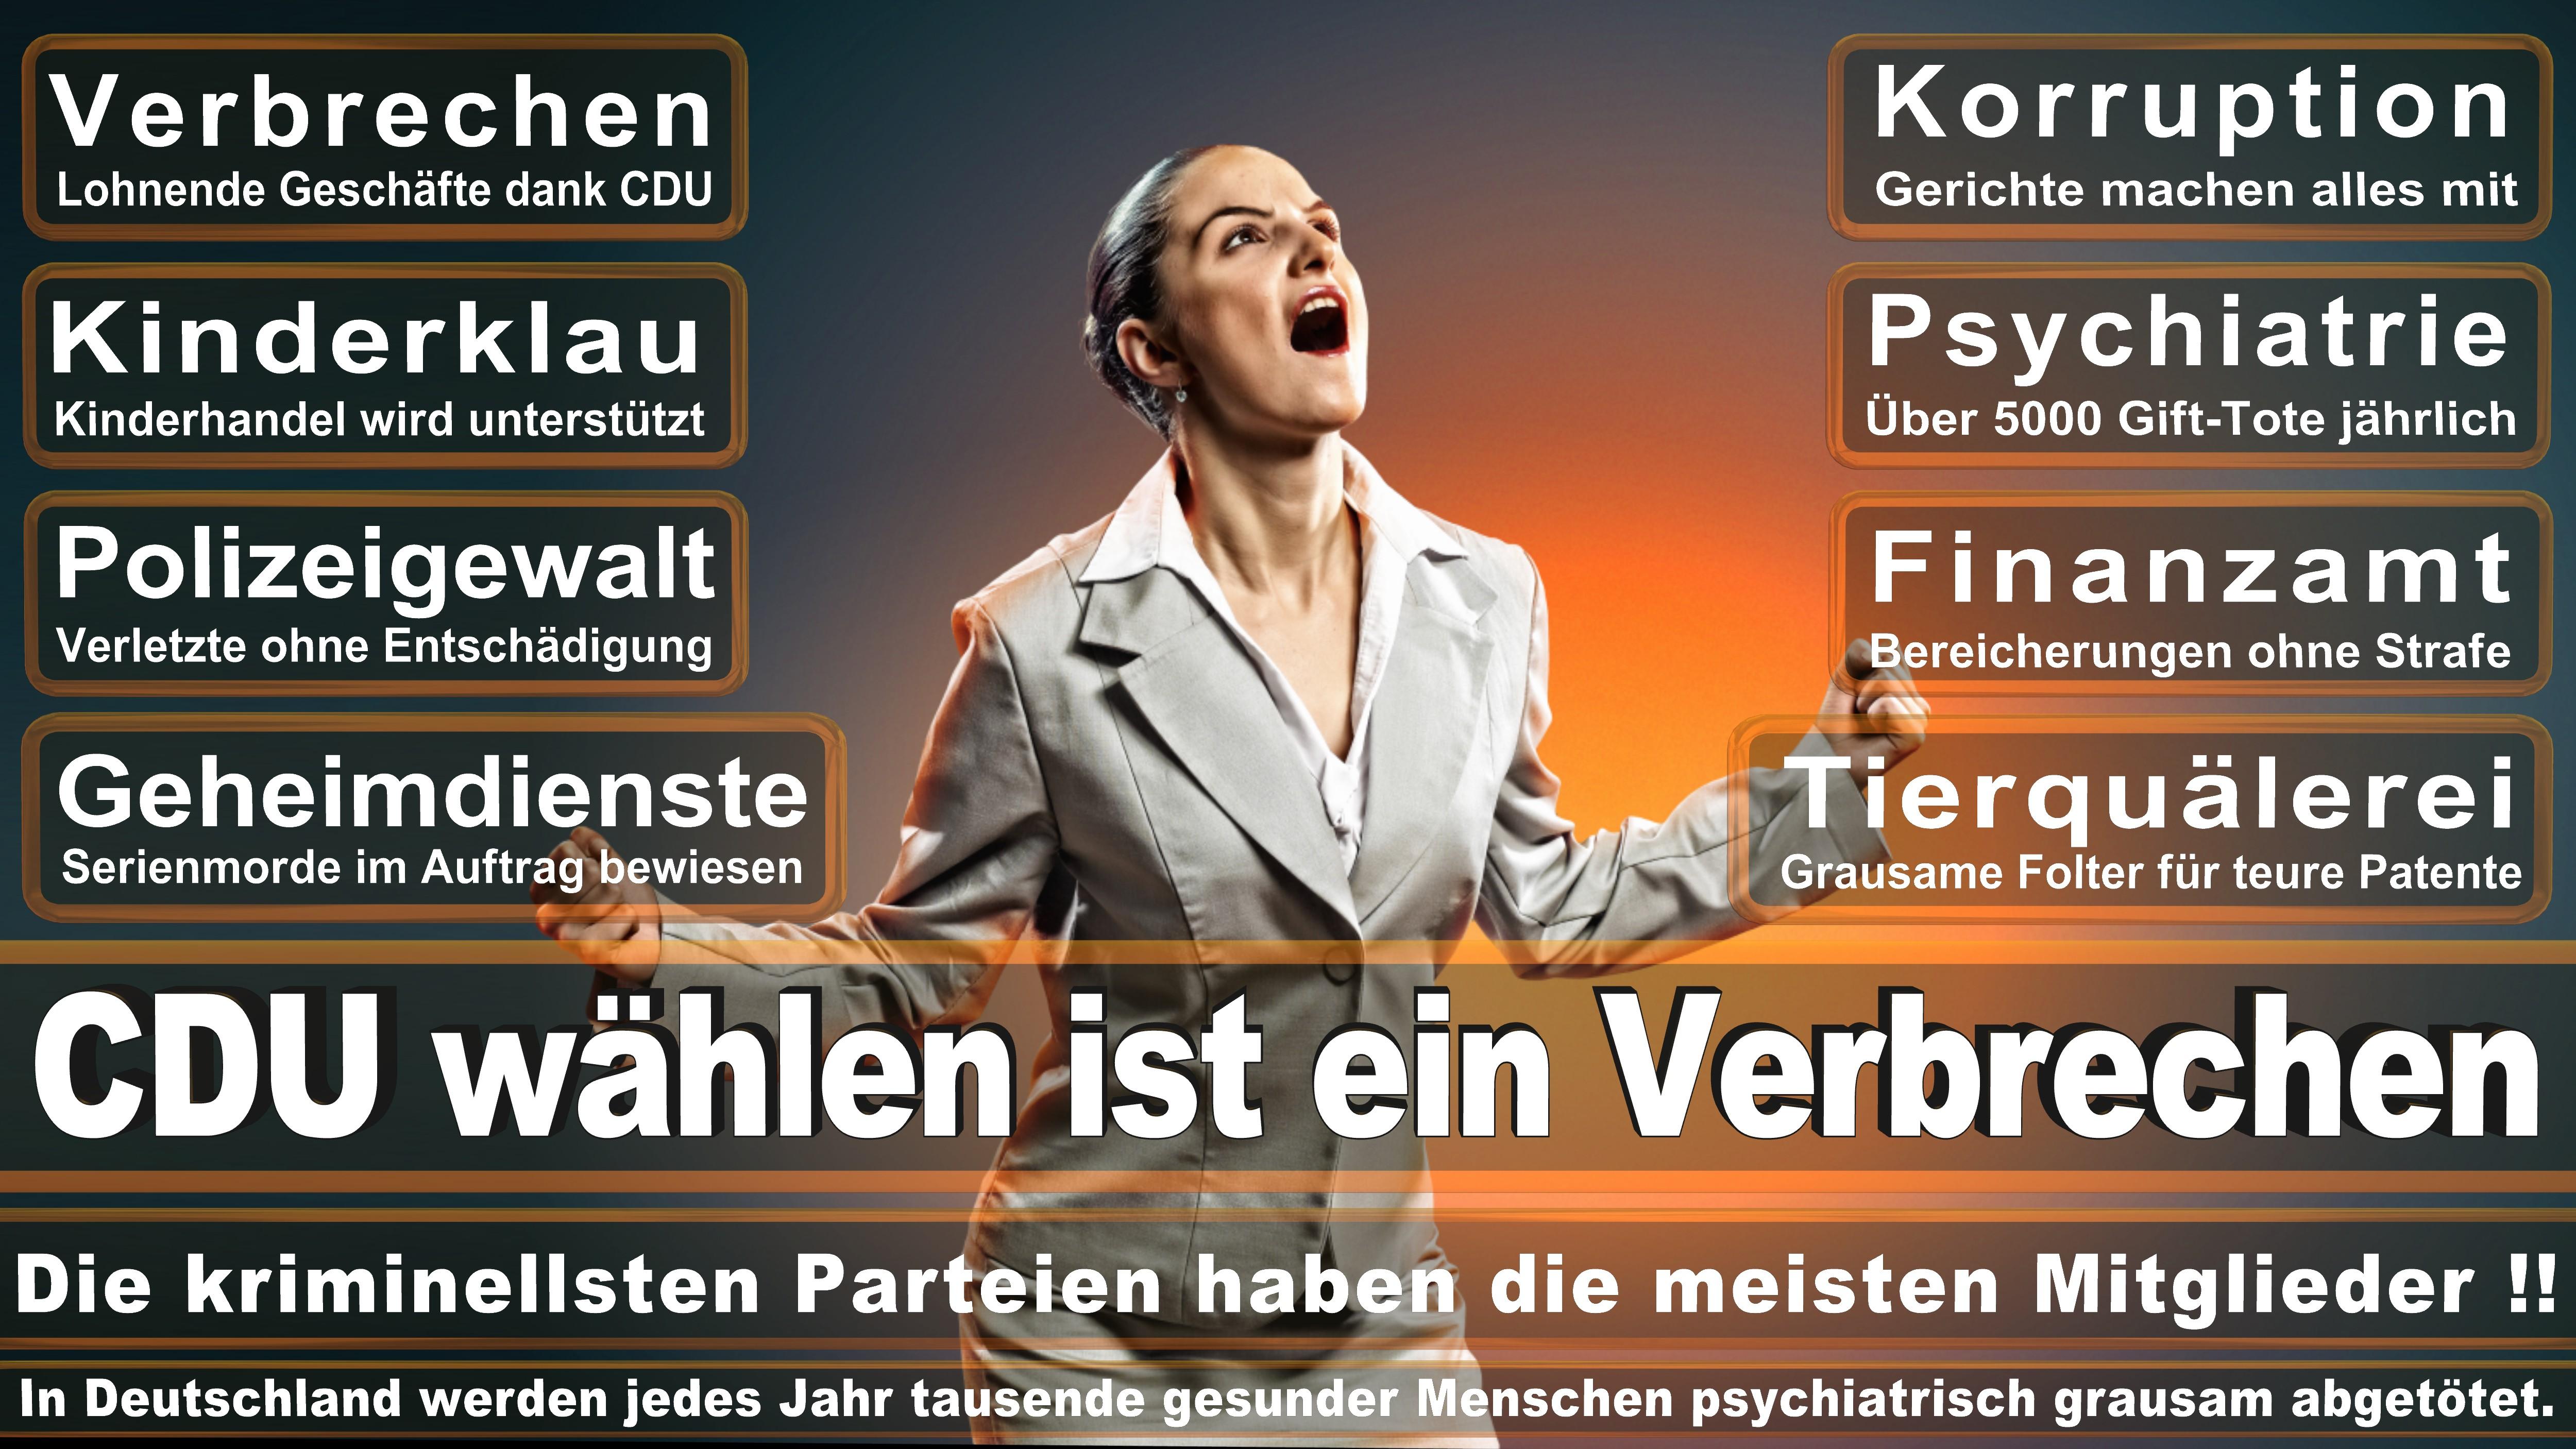 CDU Bielefeld, Vorstand, Ratsmitglieder, Ortsverband, Andreas Rüther, Mike Krüger, Michael Weber, Lena Strothmann, Vincenzo Copertino, Elmar Brok, Ralf Nettelstroth, Detlef Werner, Marcus Kleinkes (8)